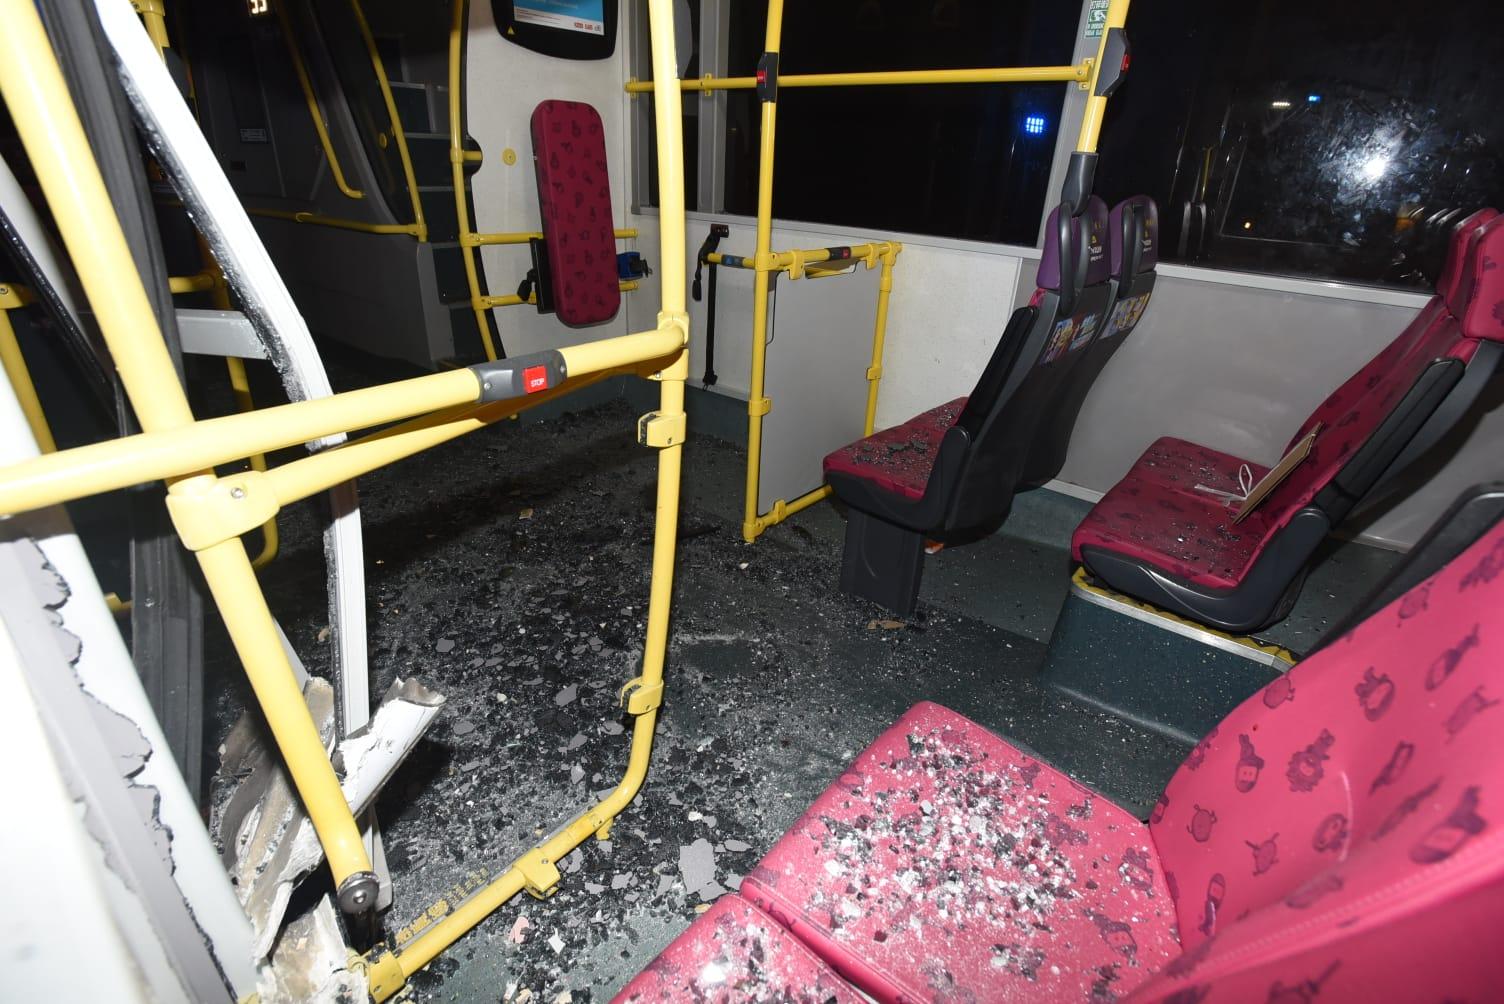 104九巴車身損毀,車門及車窗粉碎。